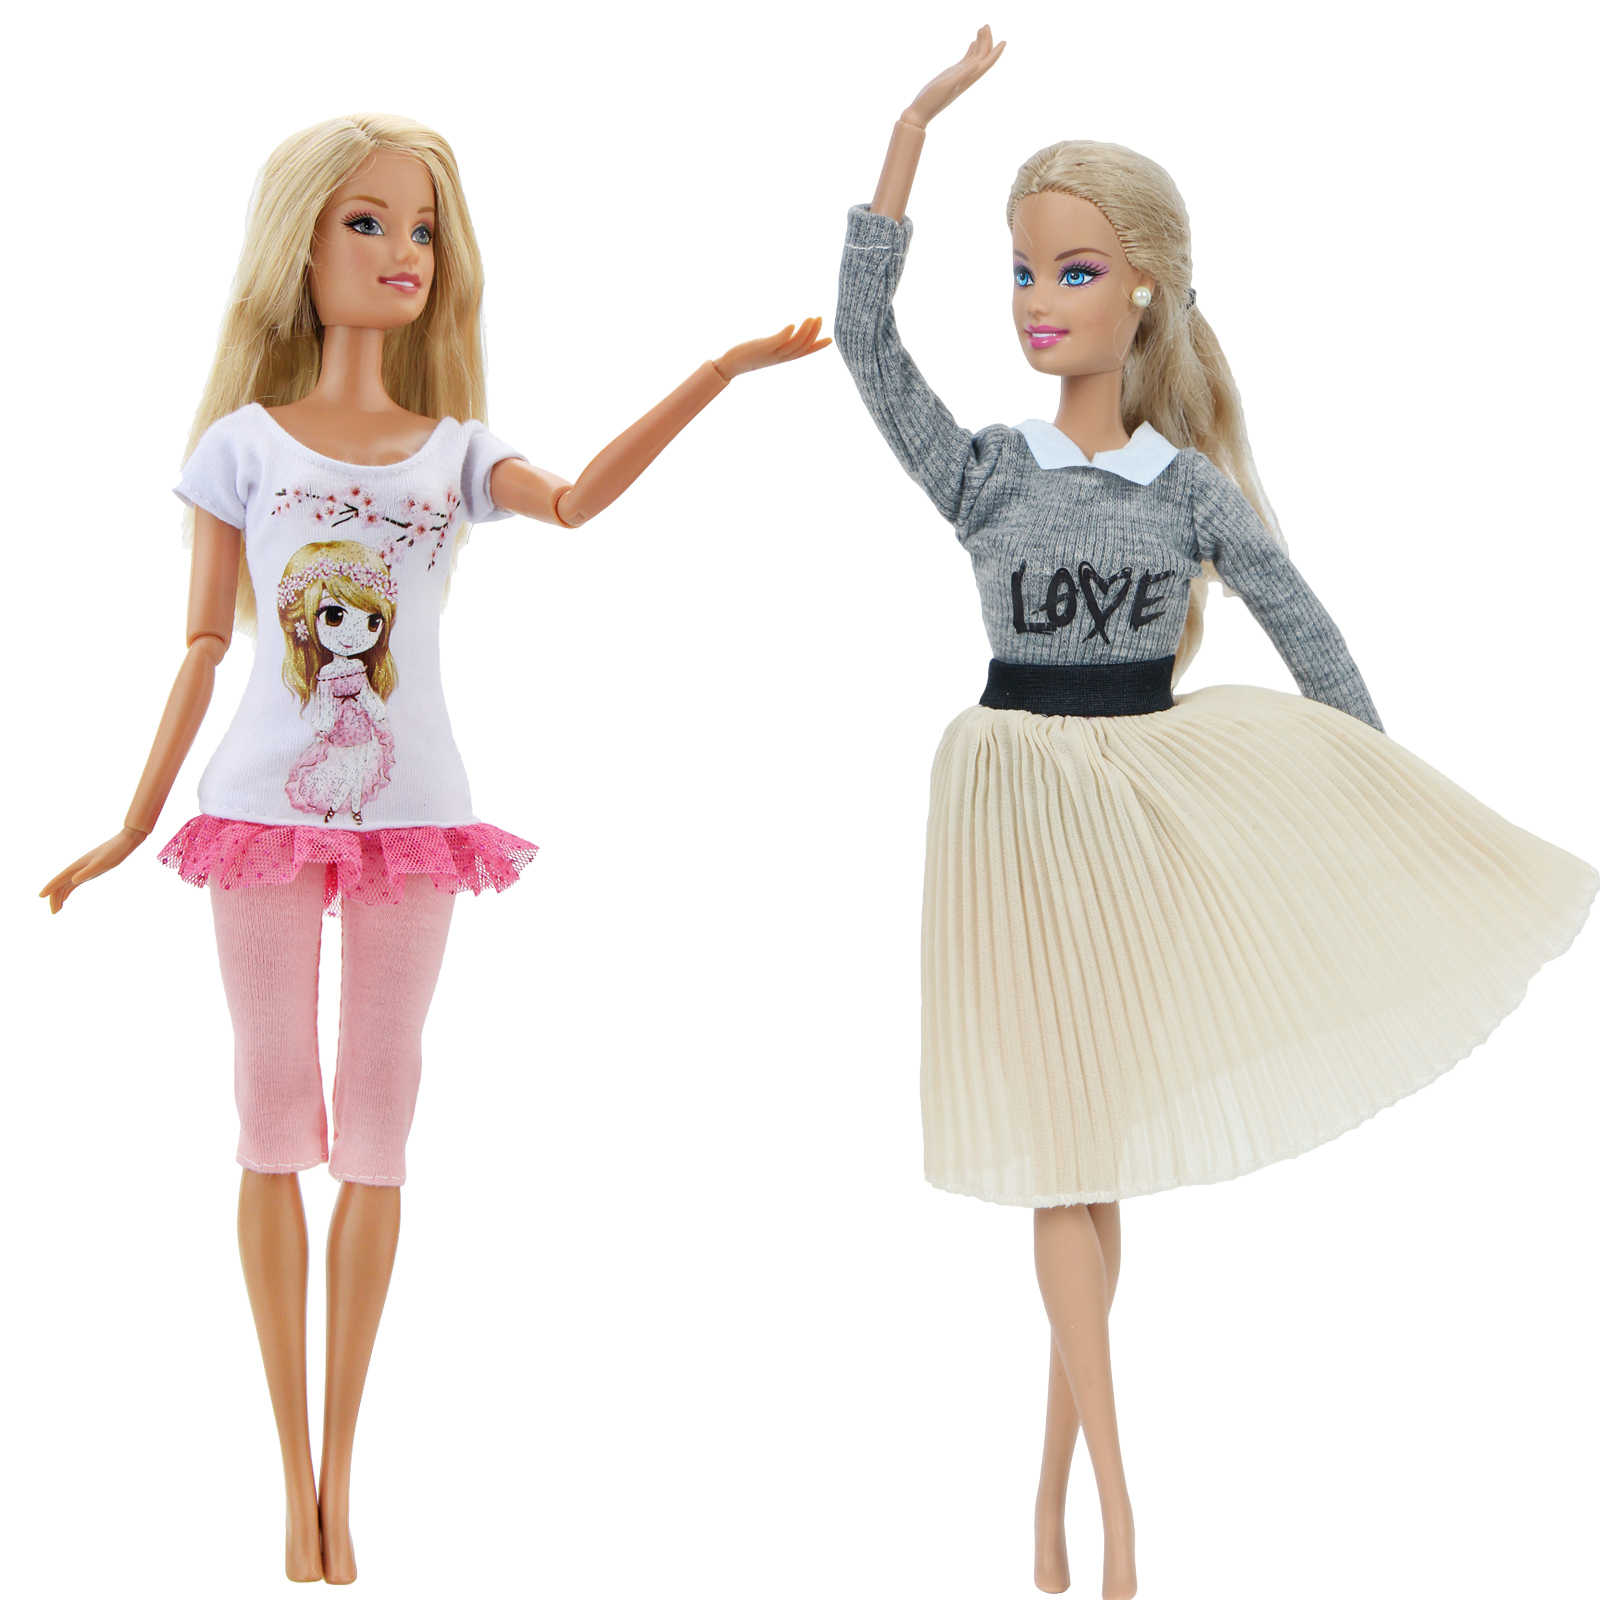 2 pçs/lote Artesanal Boneca Outfit Saia Vestido para Barbie Doll Desgaste Diário Casual Gêmeos Roupas Acessórios Rosa Azul Crianças Brinquedo